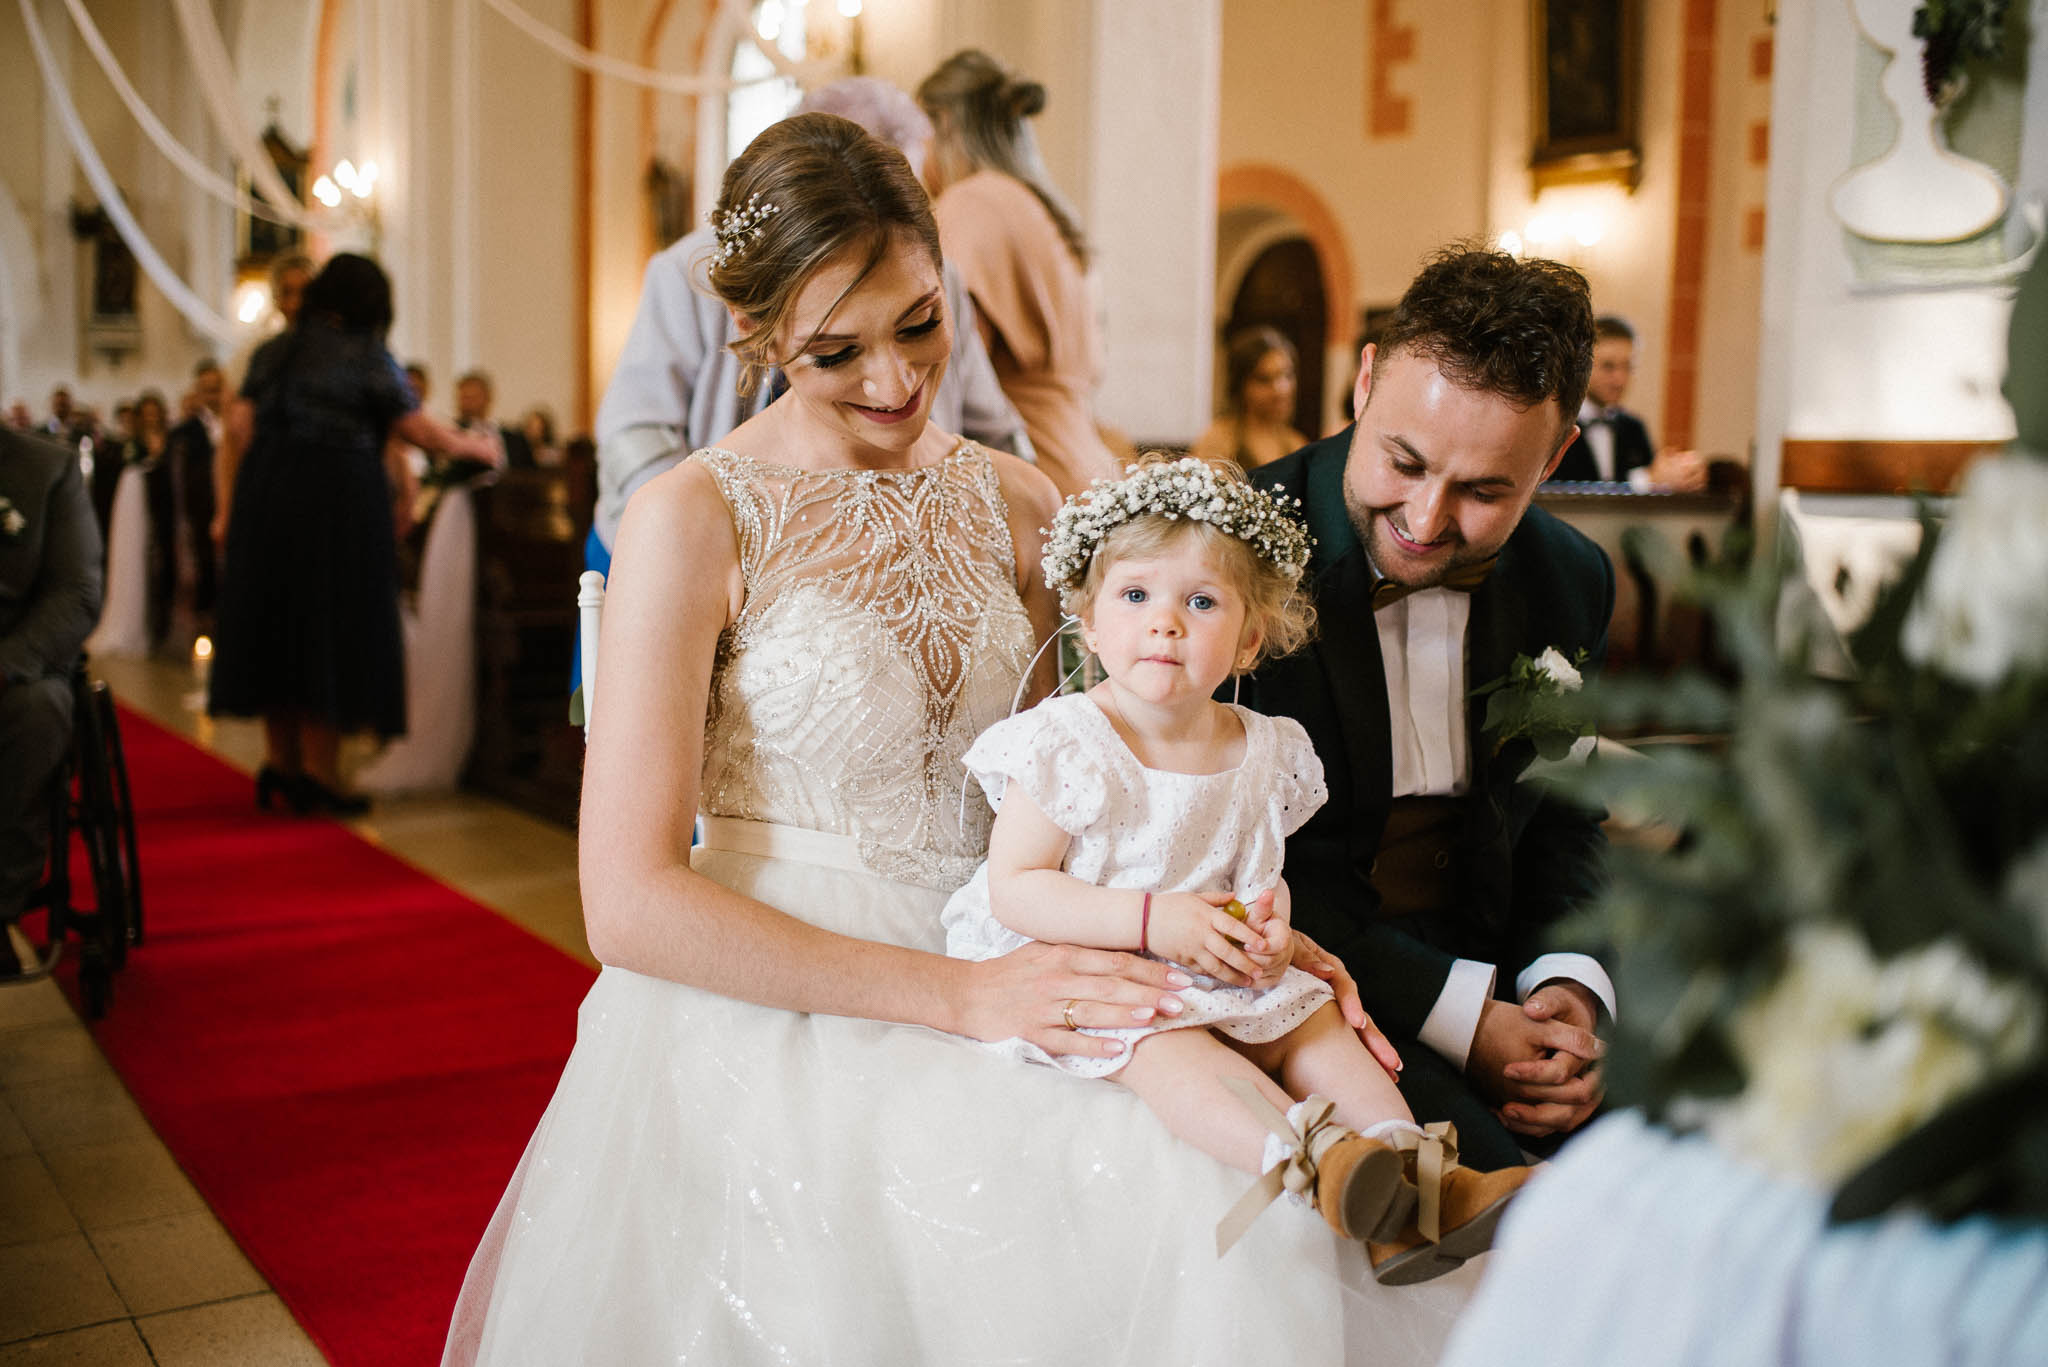 Córeczka na kolanach u panny młodej -  ślub w Stodole Bojanowo